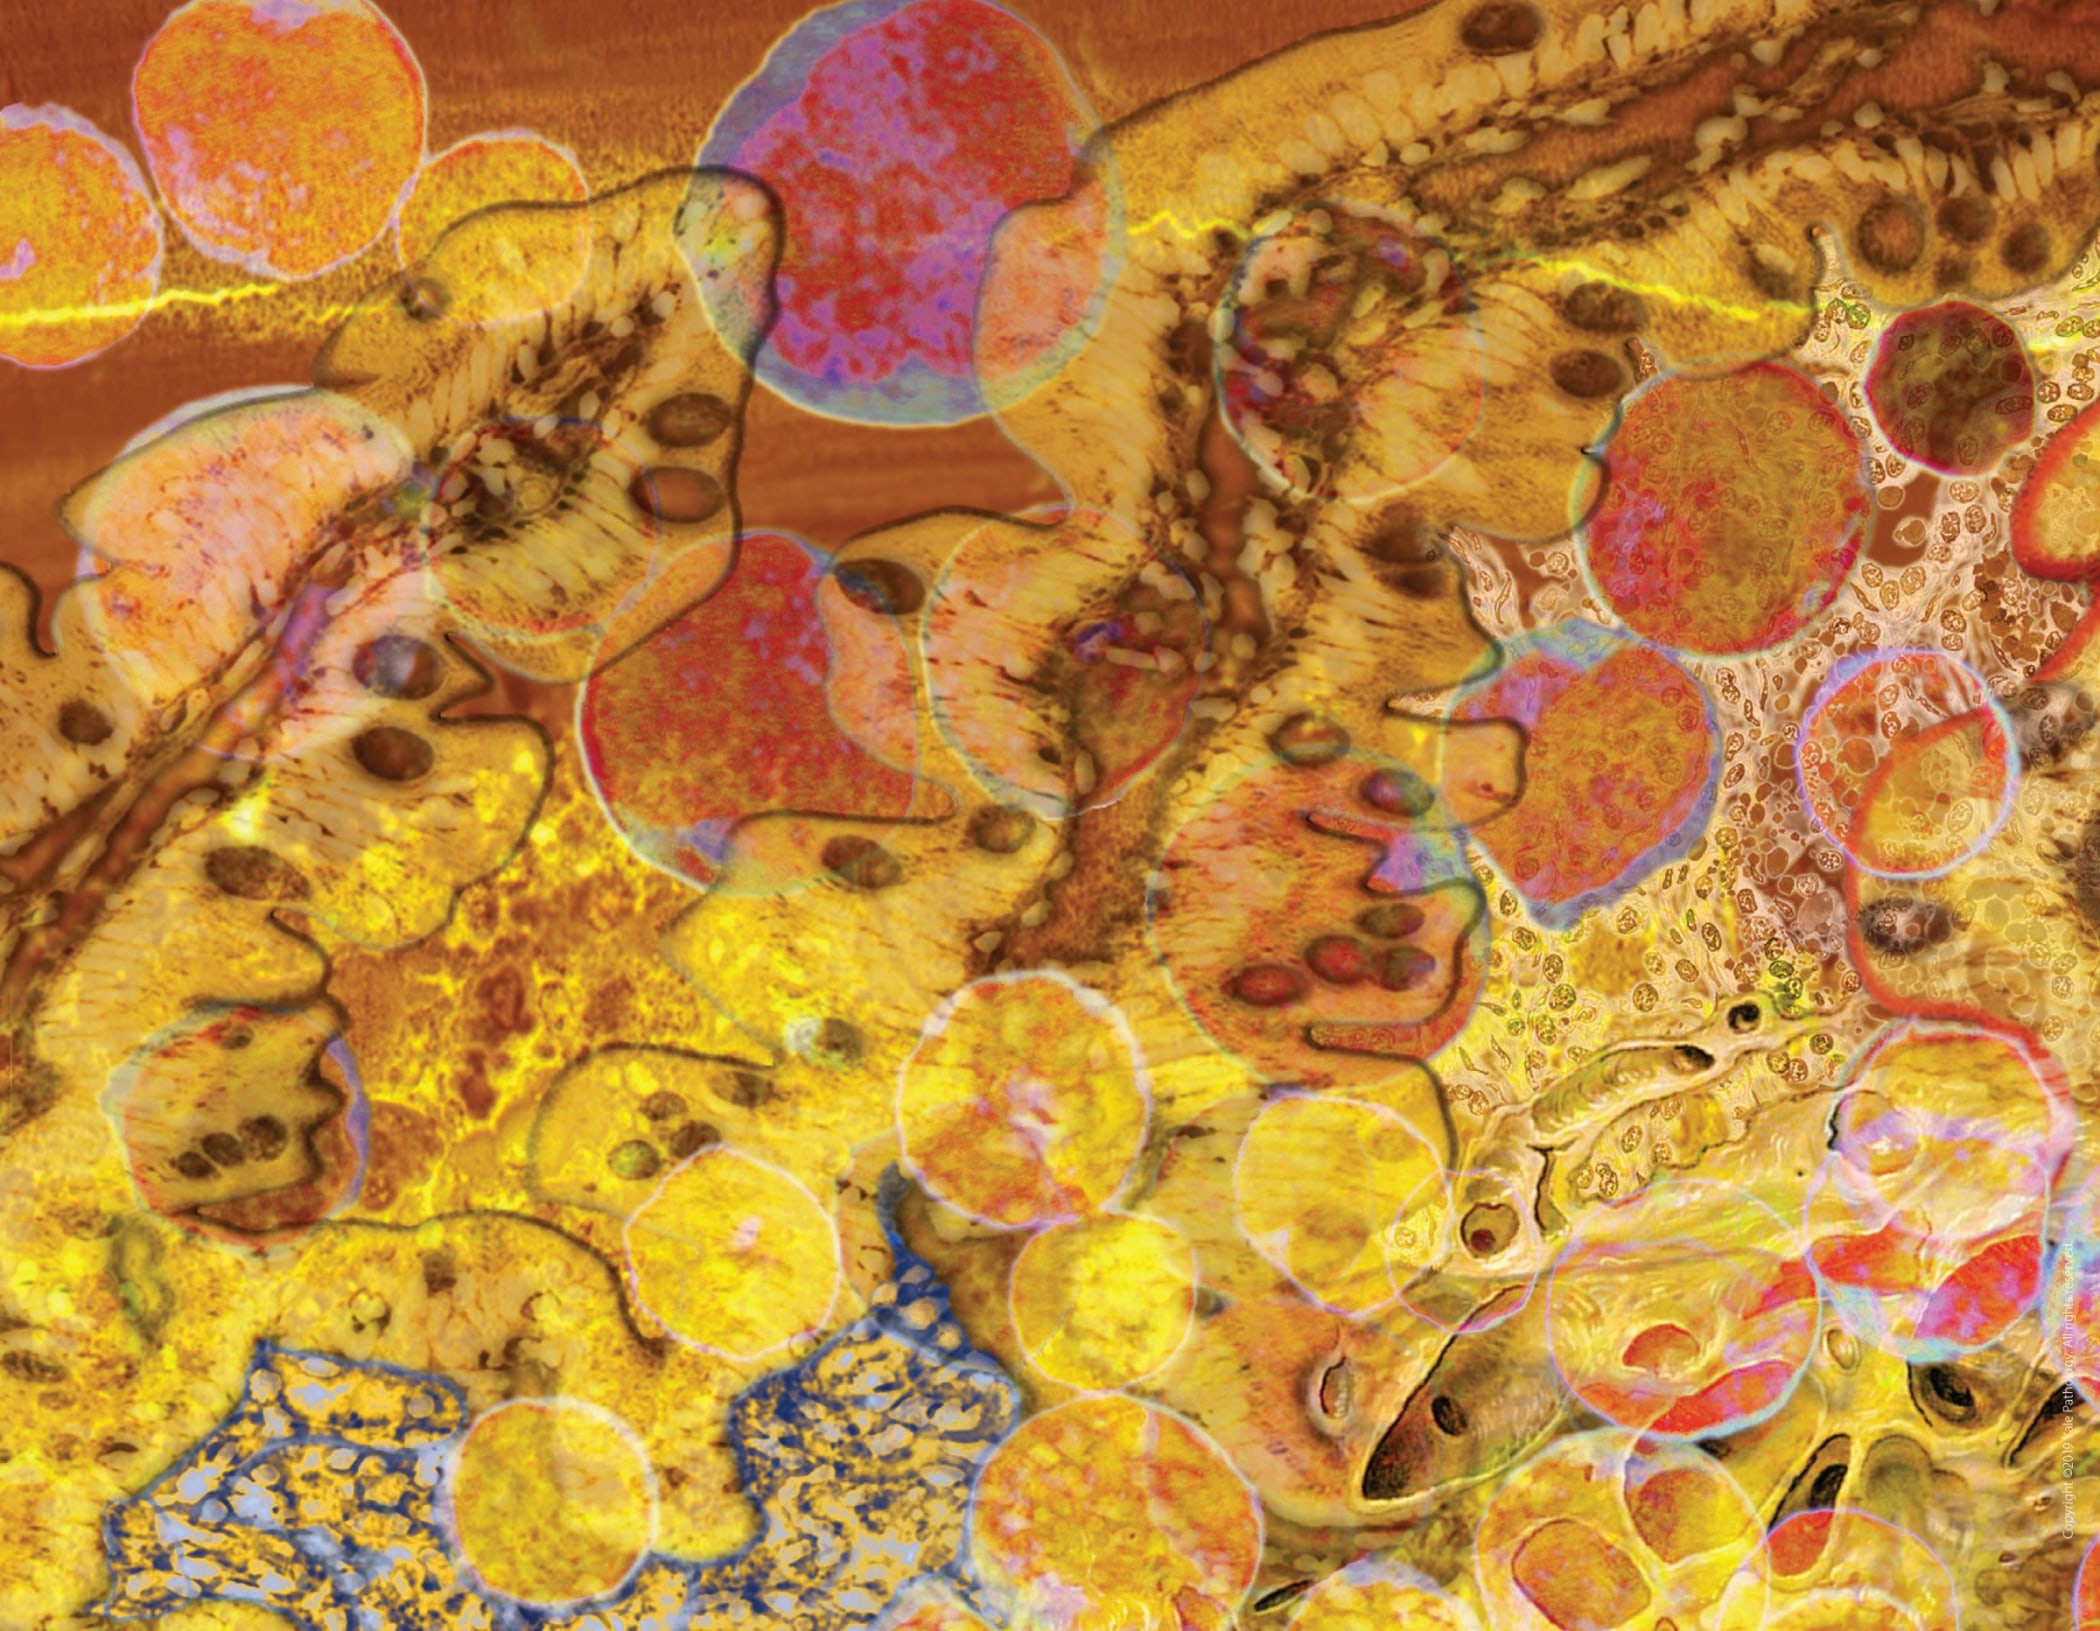 Yale Pathology Labs Calendar 2020 image for September-October